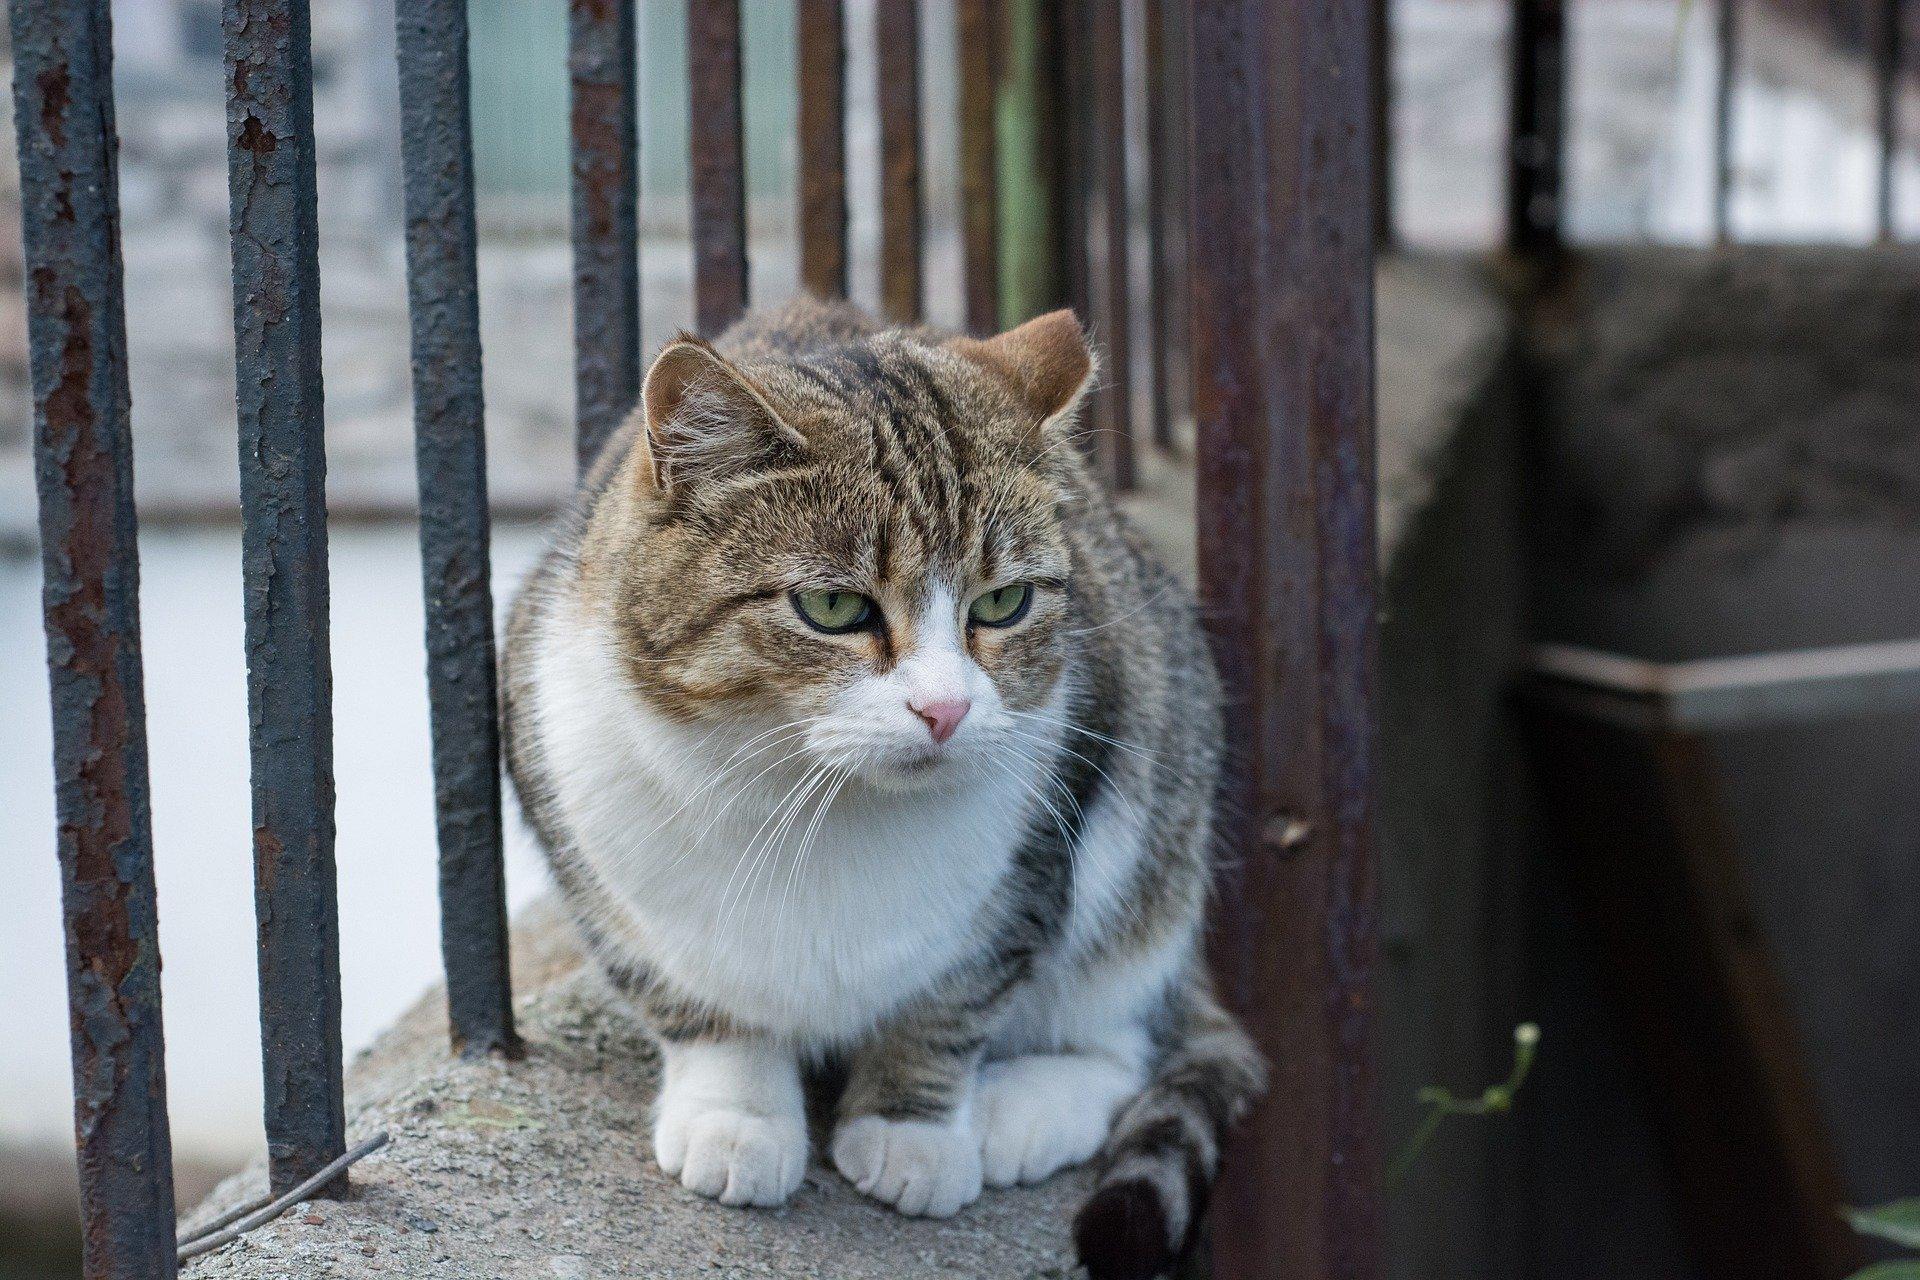 Gatto malato: quali sono i segnali da monitorare?